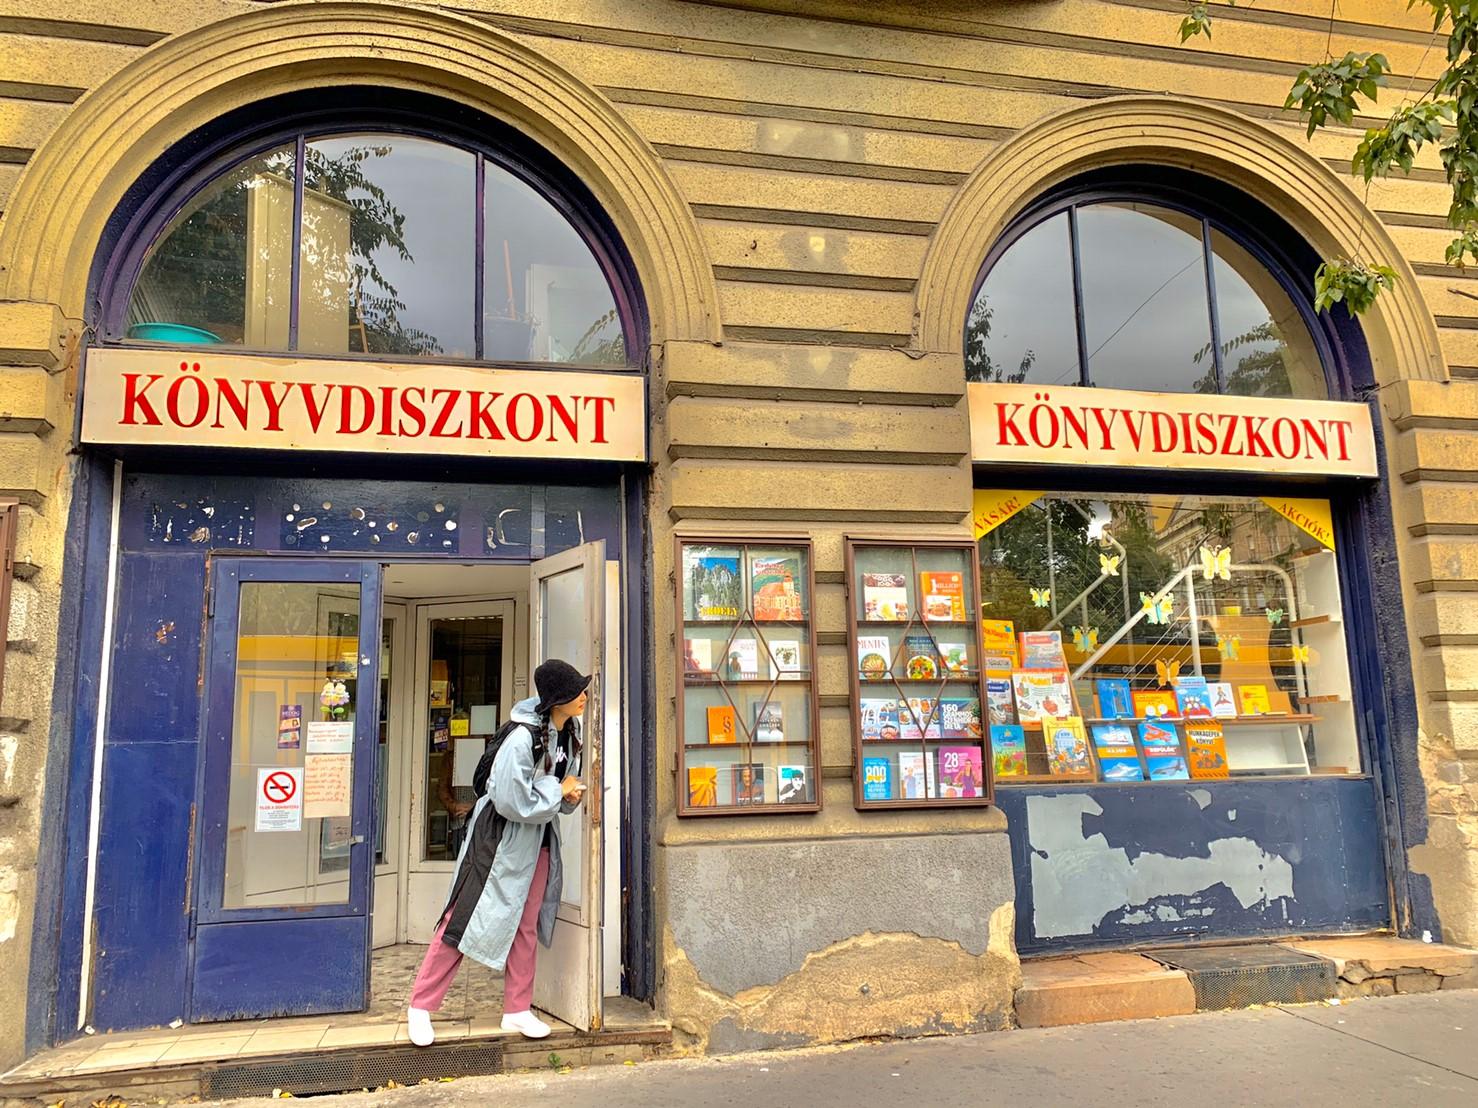 ▲布達佩斯到處充滿斑駁的建築物,讓趙小僑感到特別有味道。